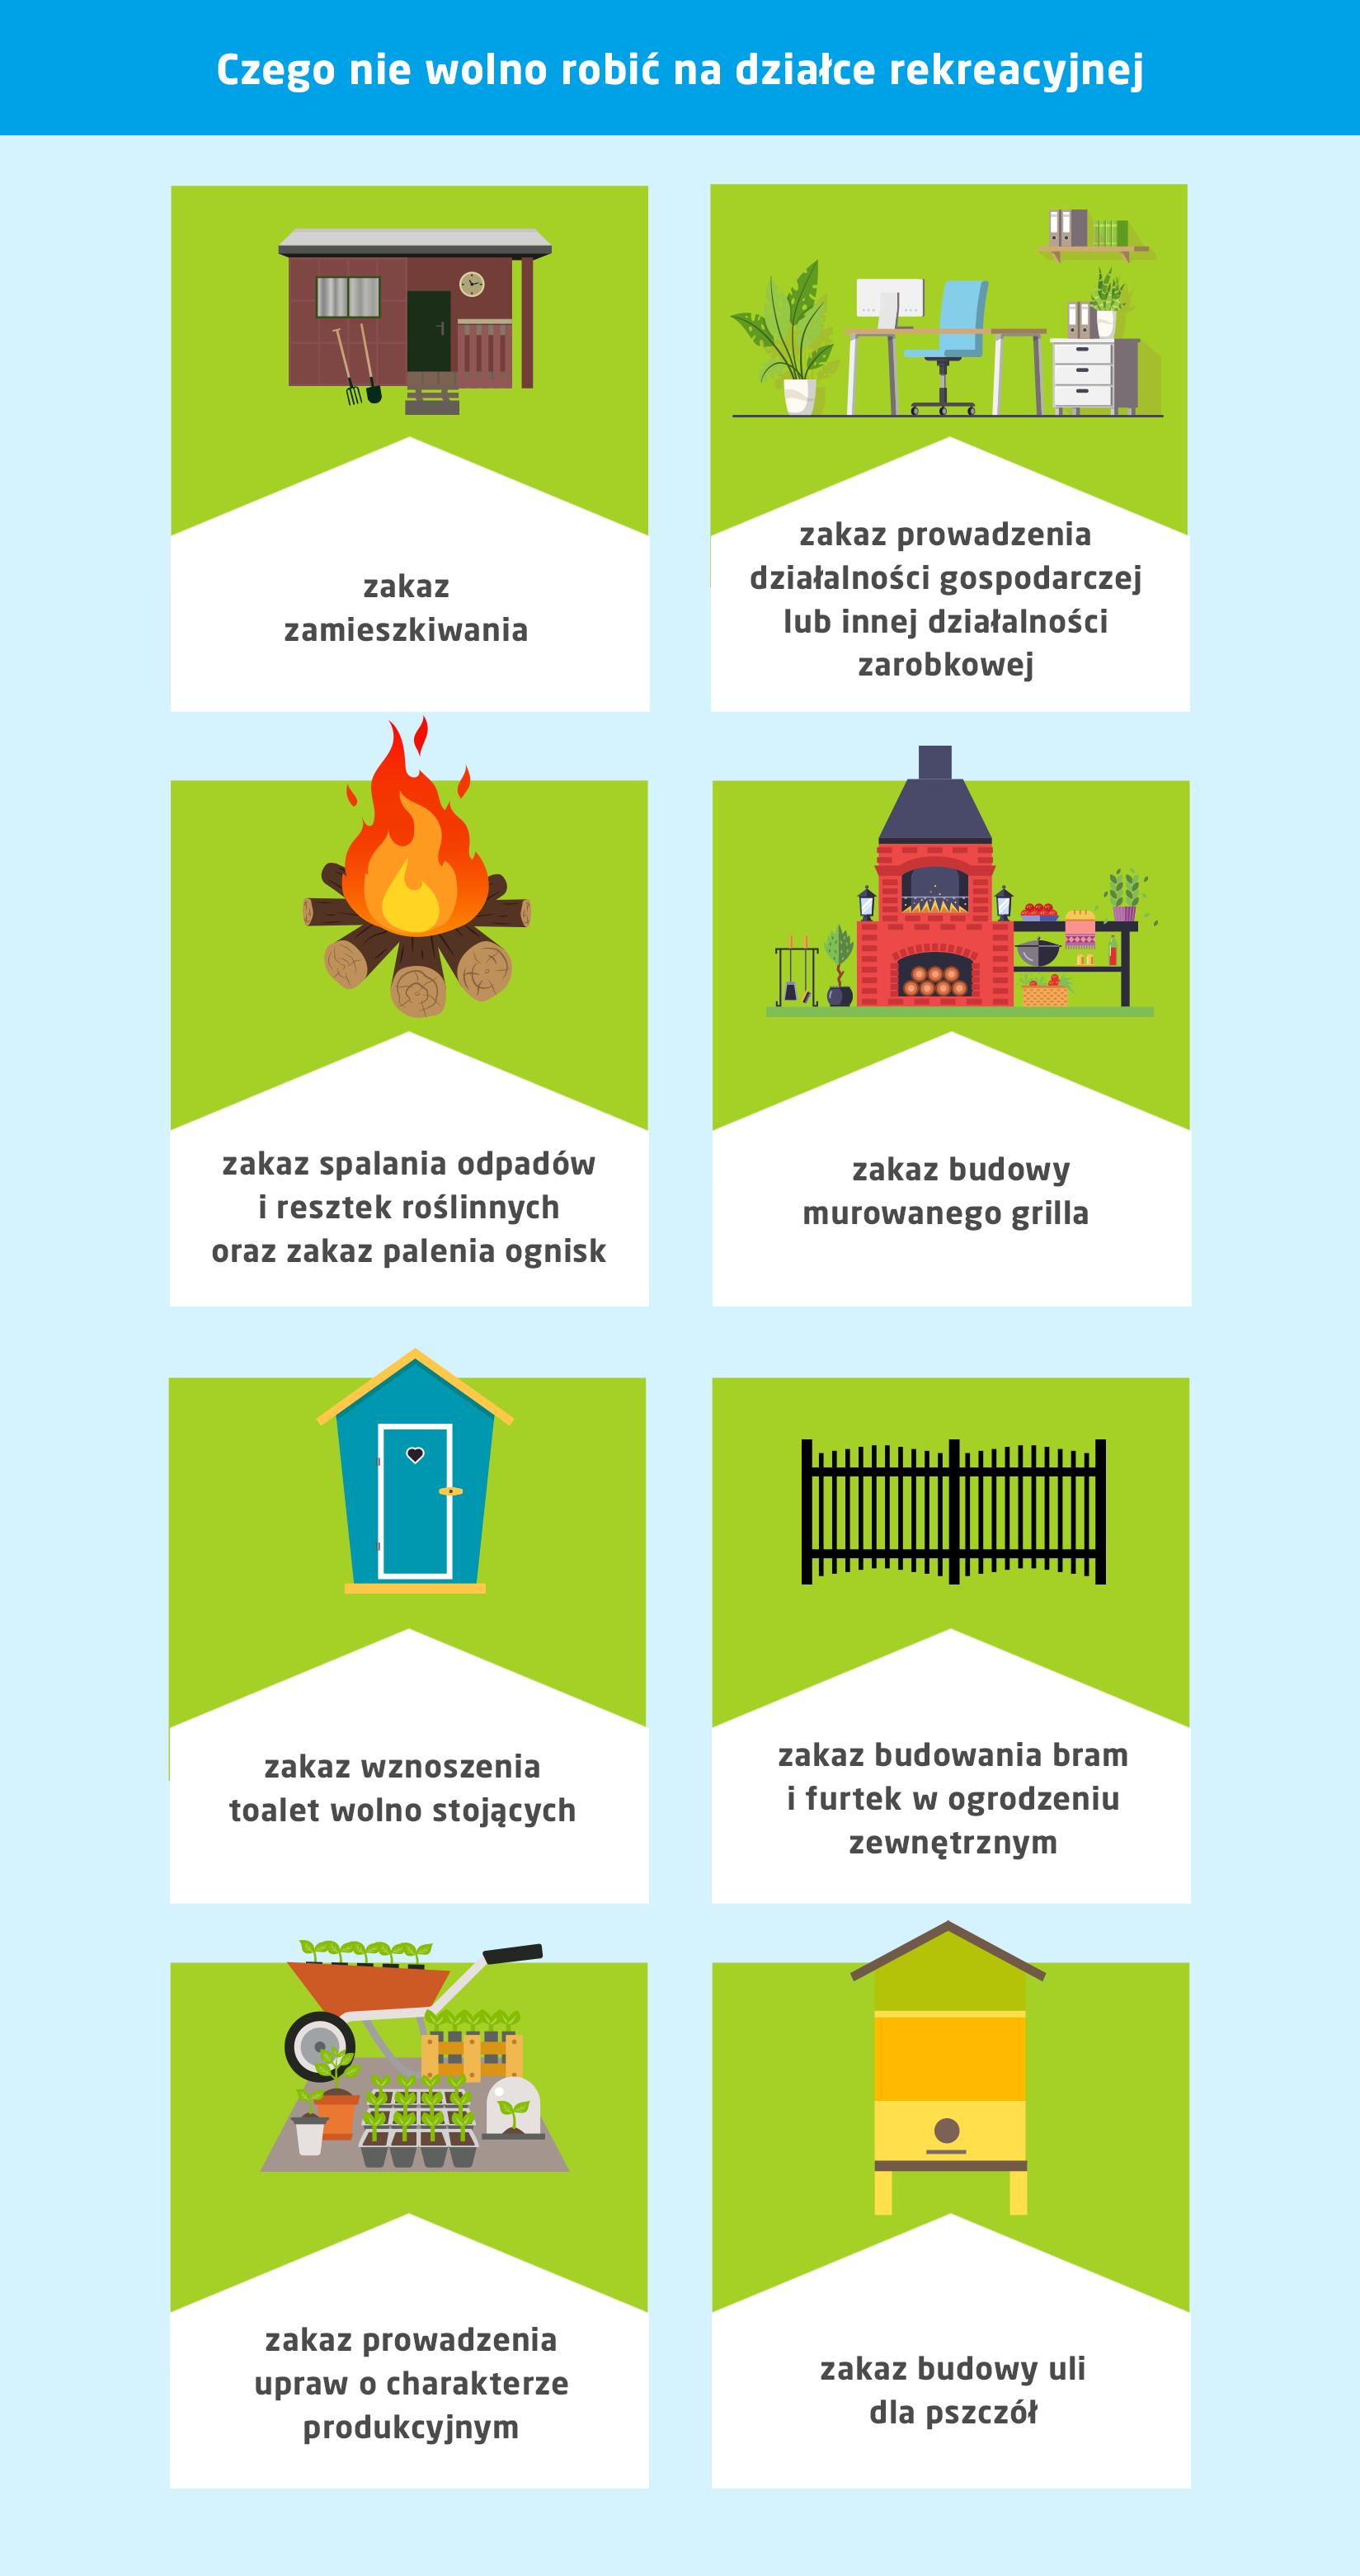 Rodzinne ogródki działkowe - czy można palić grilla? Czego nie wolno? Infografika